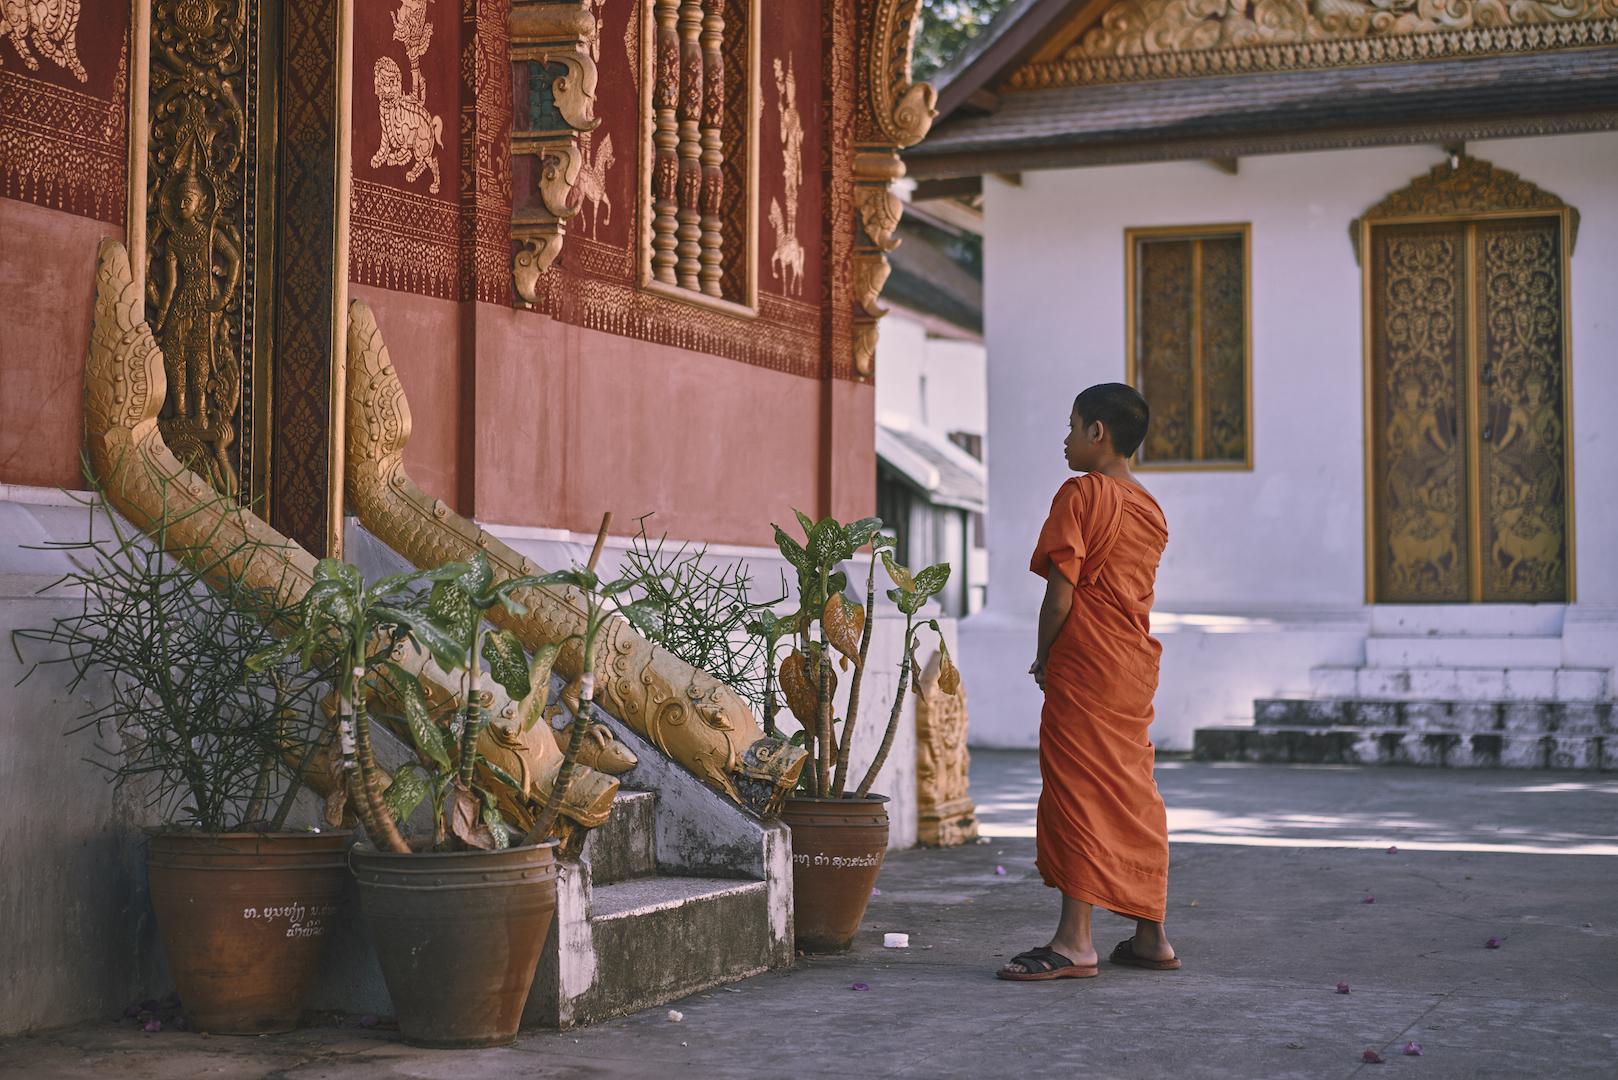 Khasar_S_MonkAwaitingByTheDoor_LuangPrabang_Laos_Winter_2014.jpg